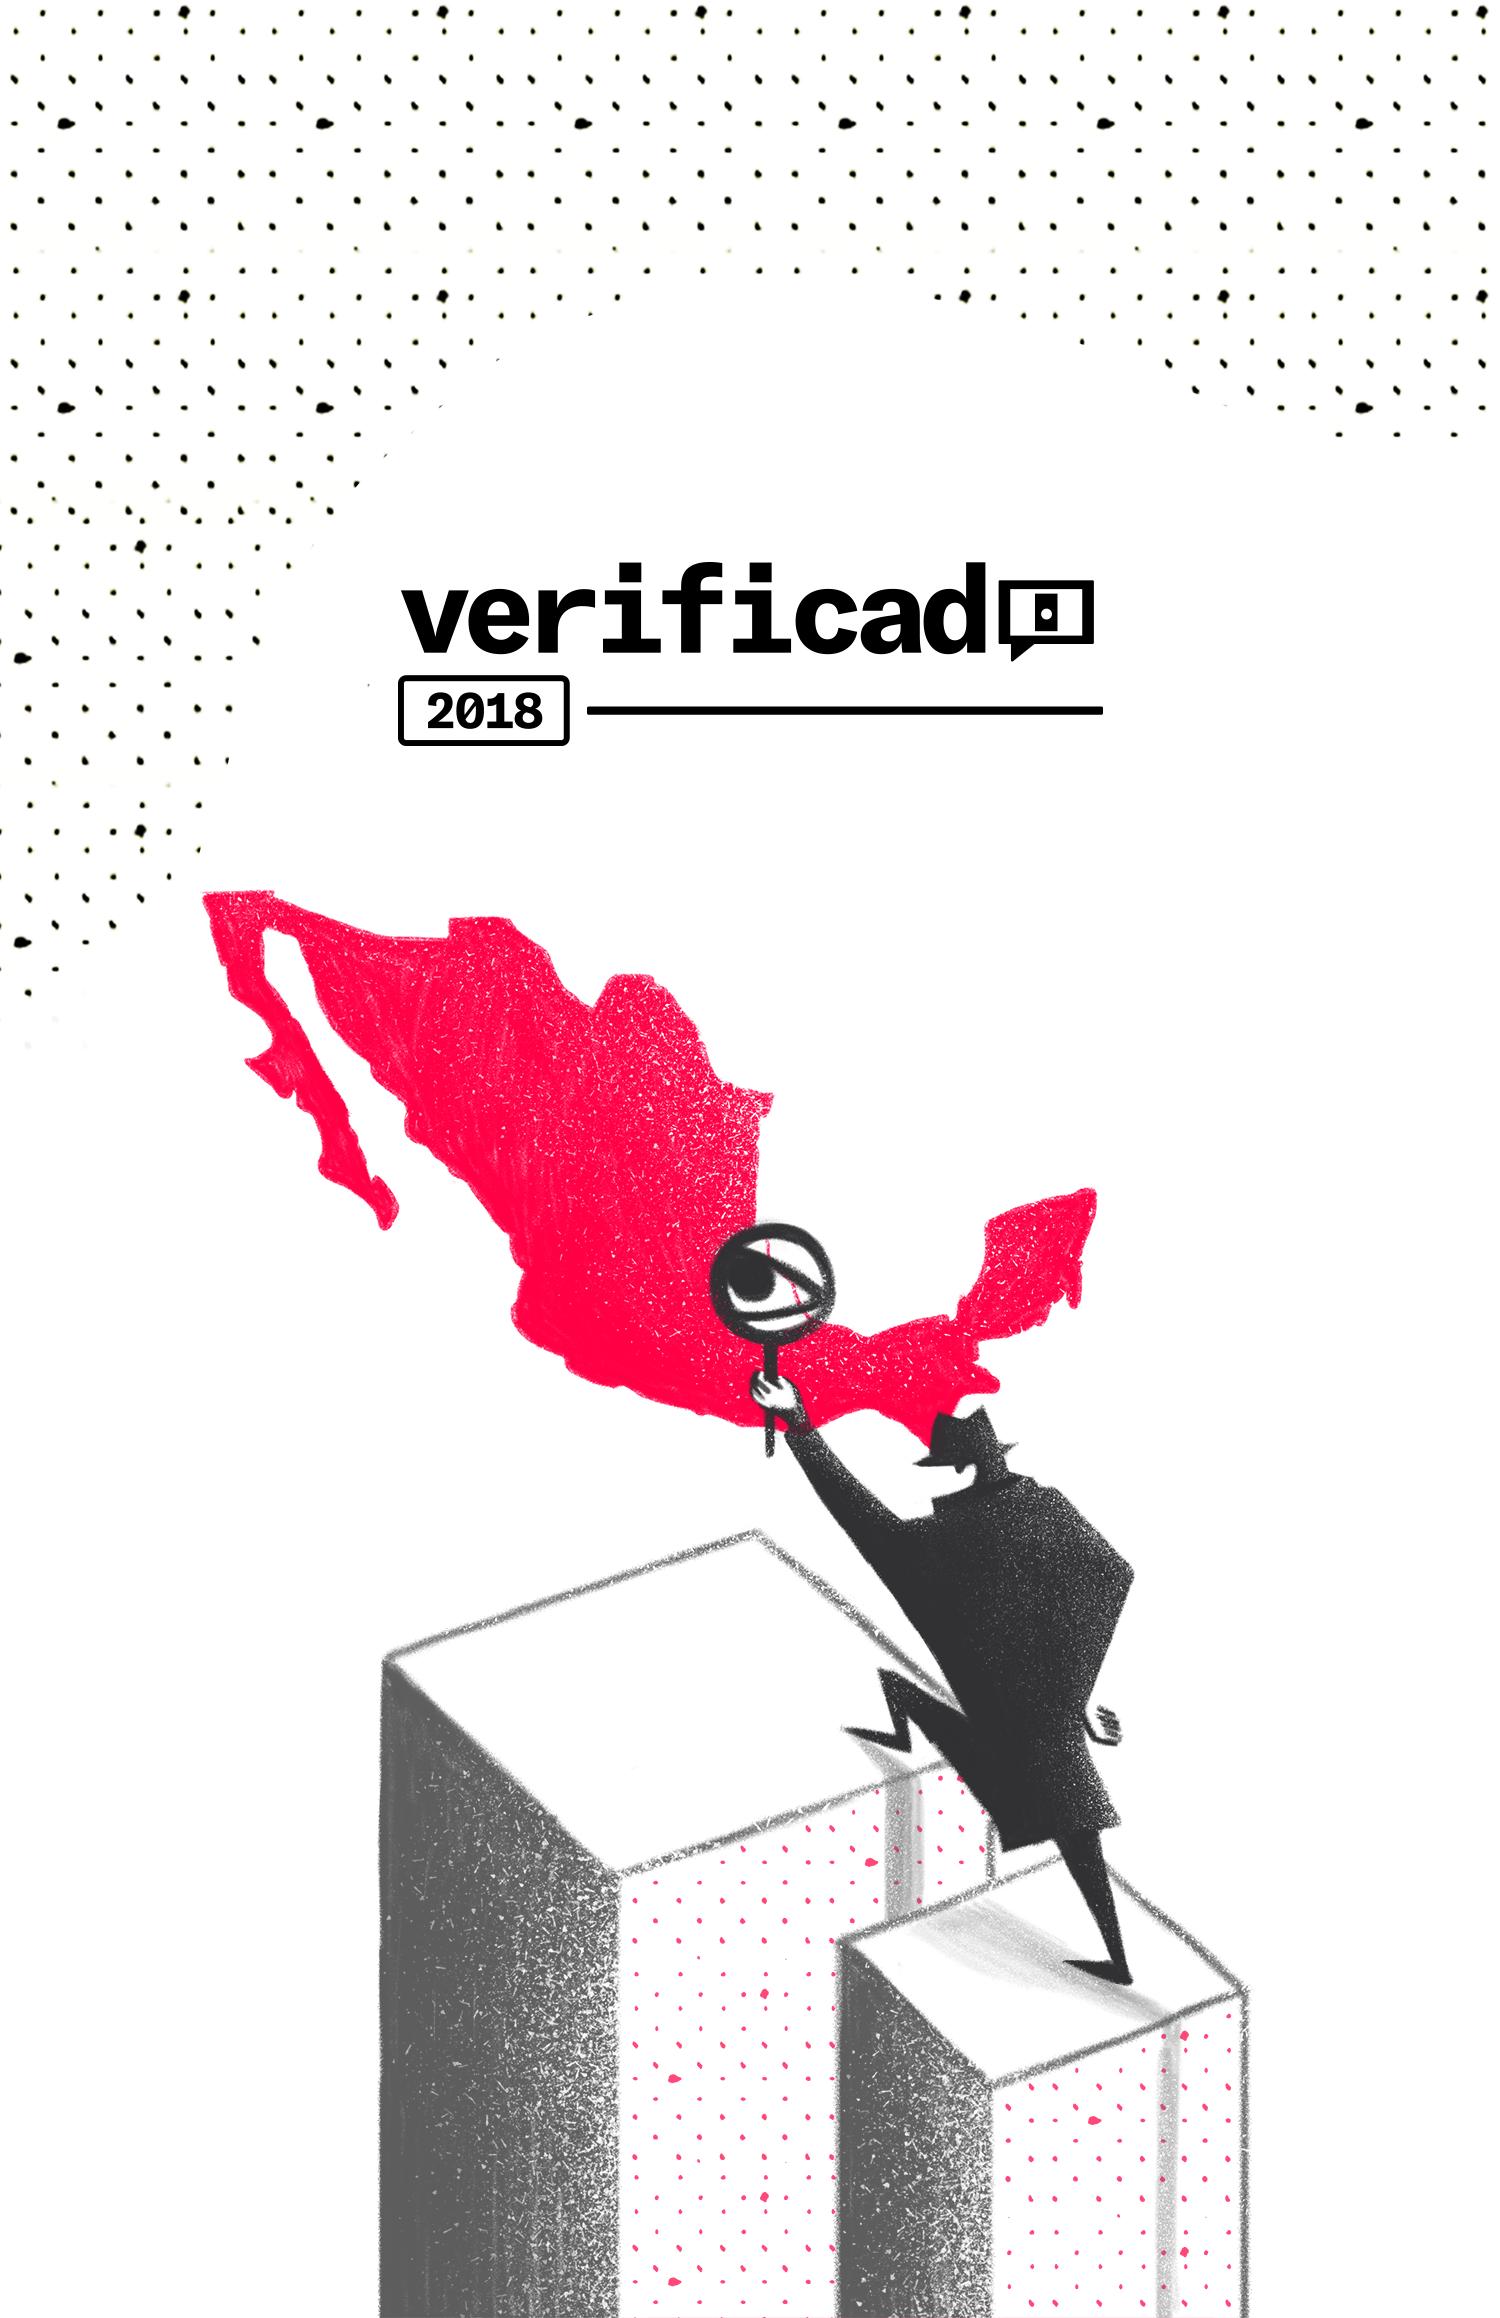 A un mes de #Verificado2018, ¿quiénes son los sitios y usuarios más activos en generar y difundir noticias falsas?